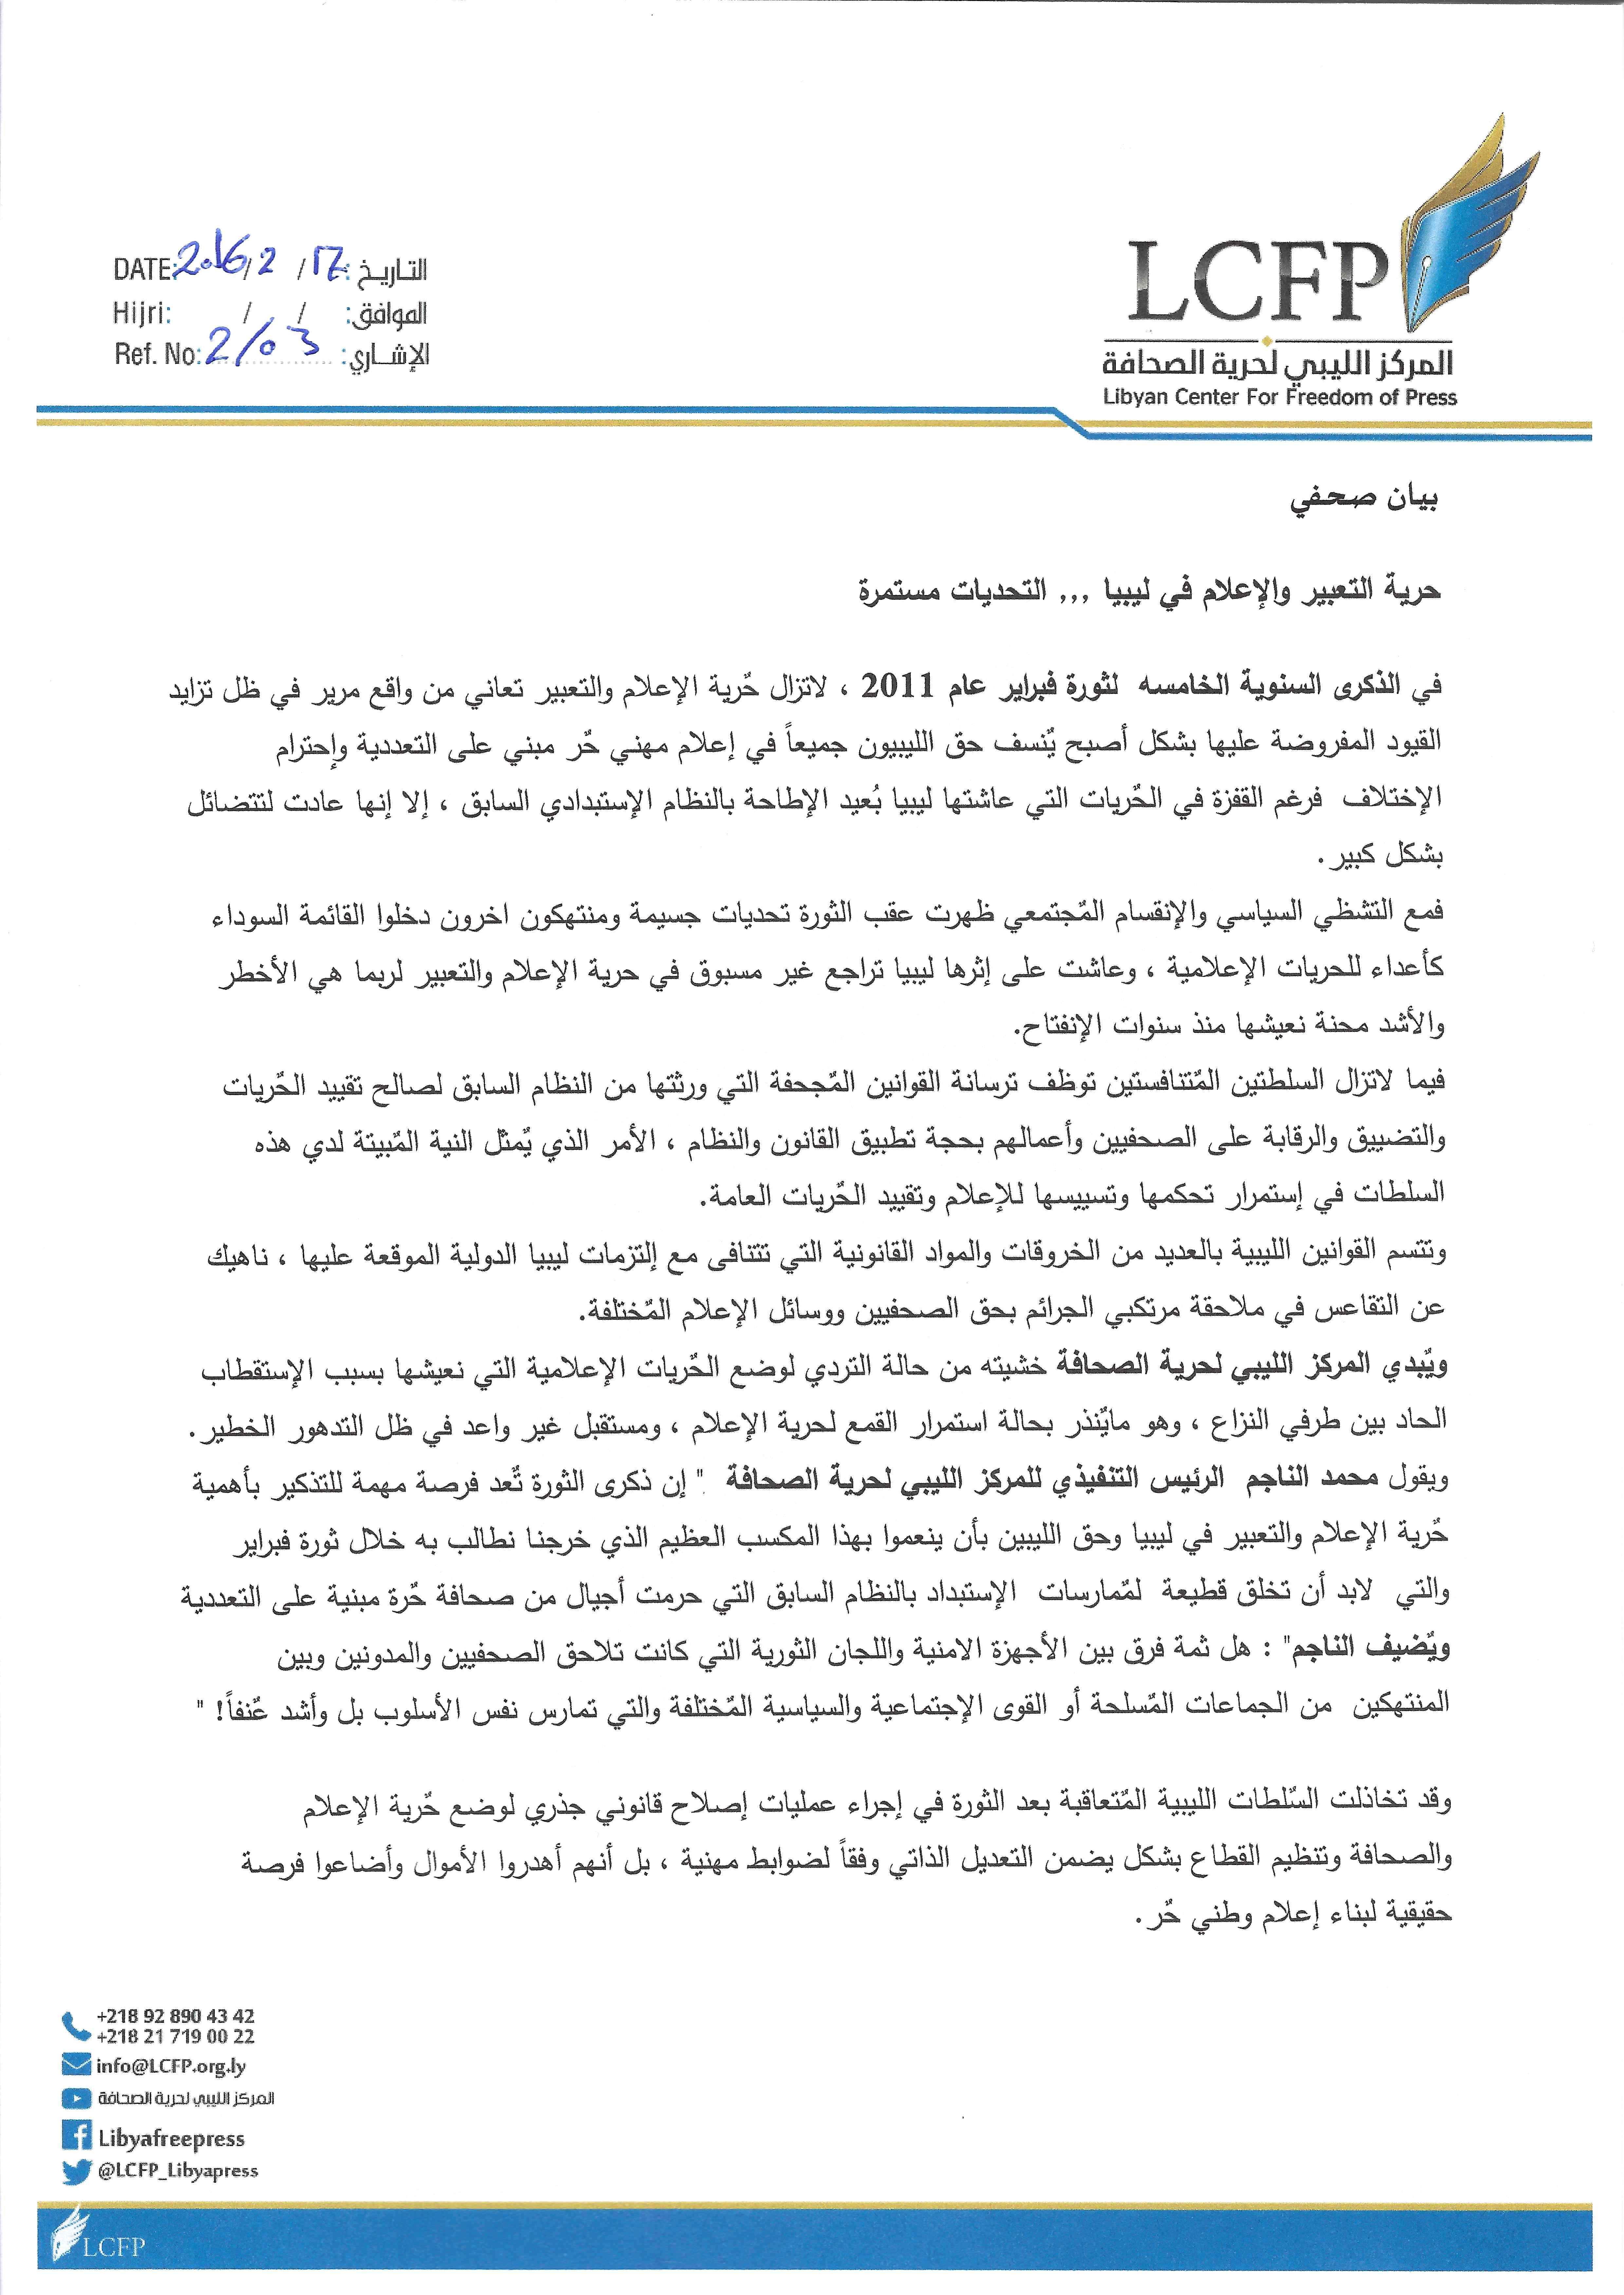 Press Release, Feb -1